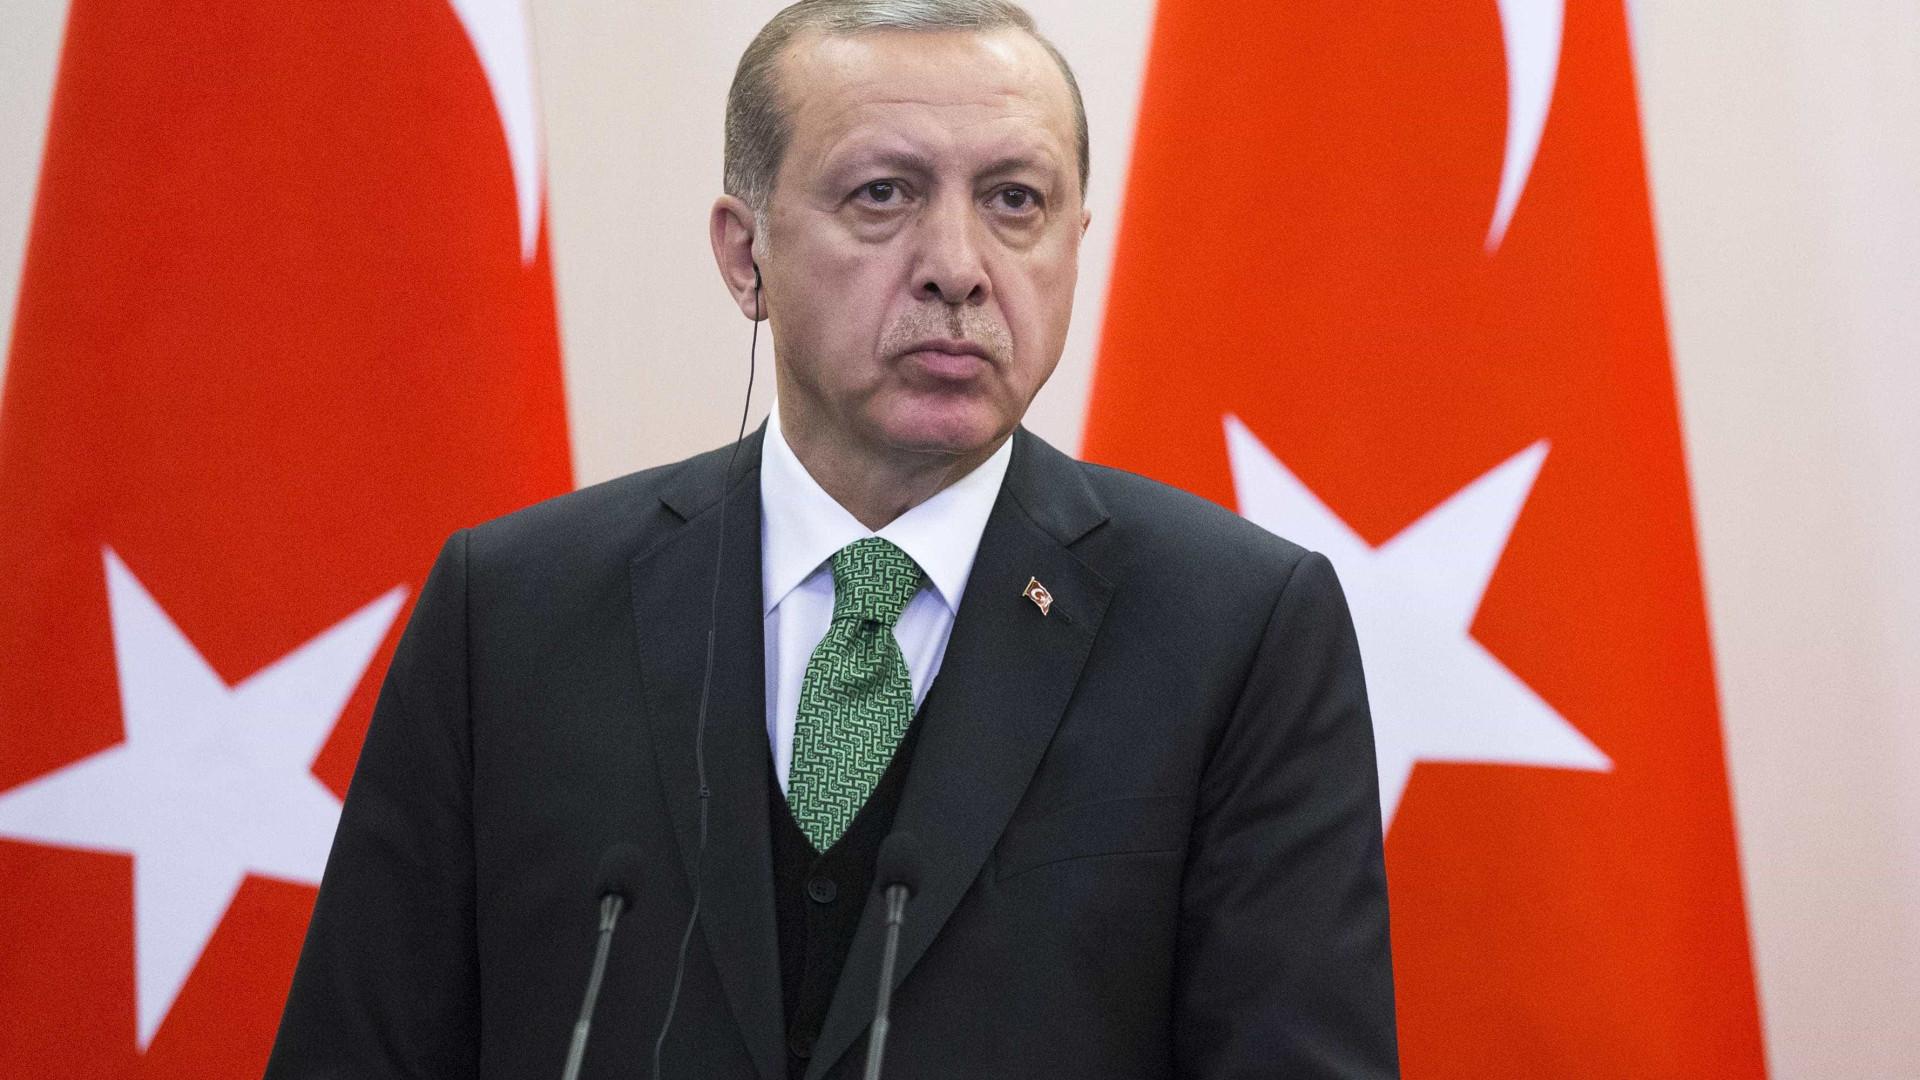 Erdogan acusa EUA de sacrificarem relação com Turquia